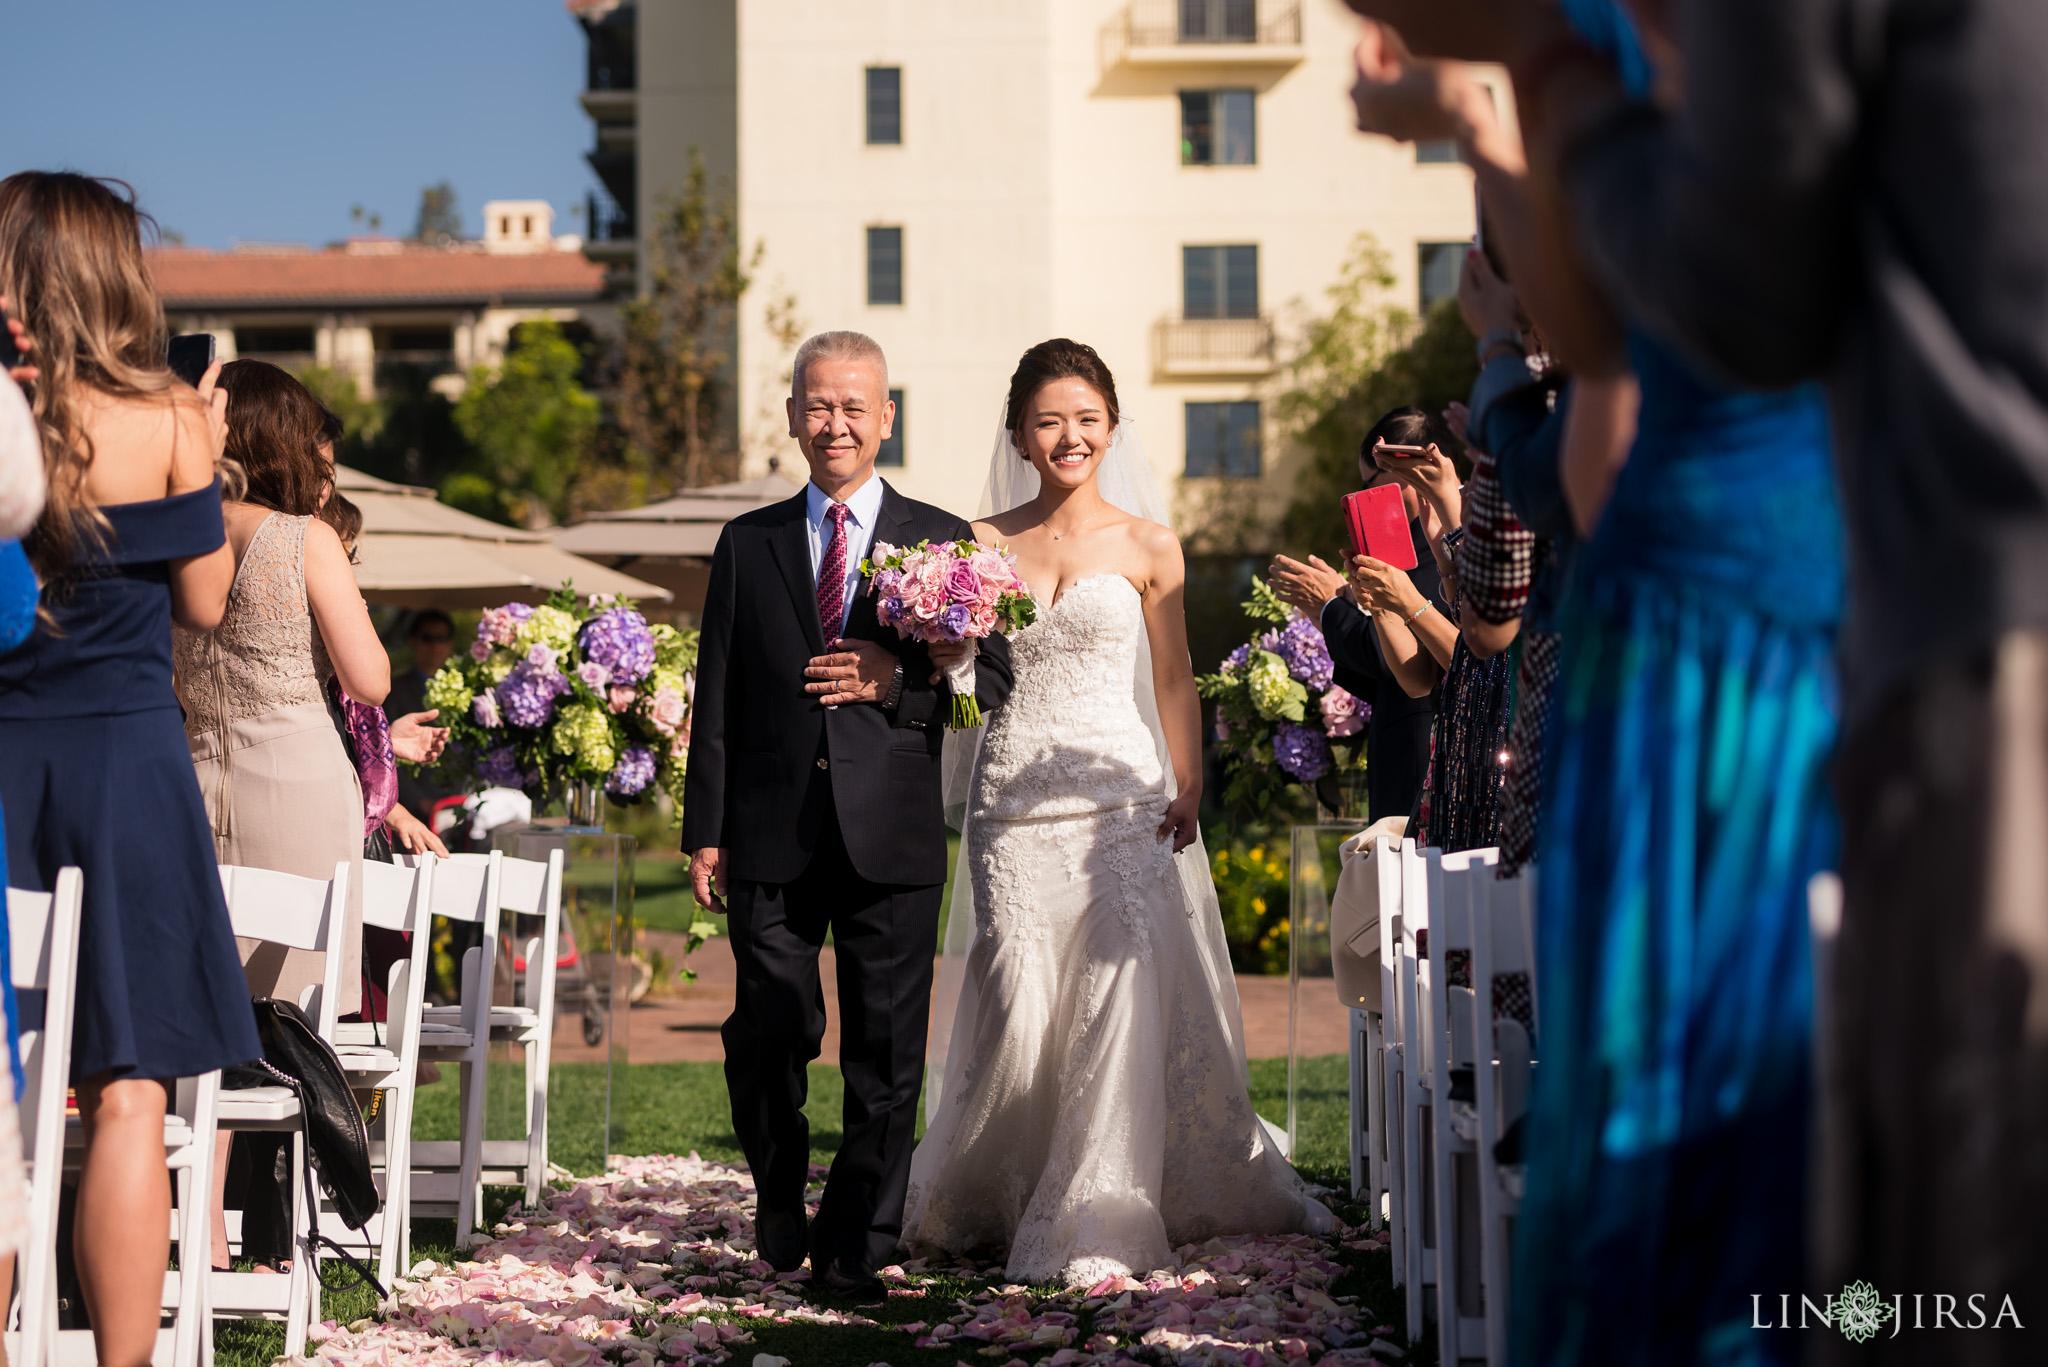 17 terranea resort wedding ceremony photography